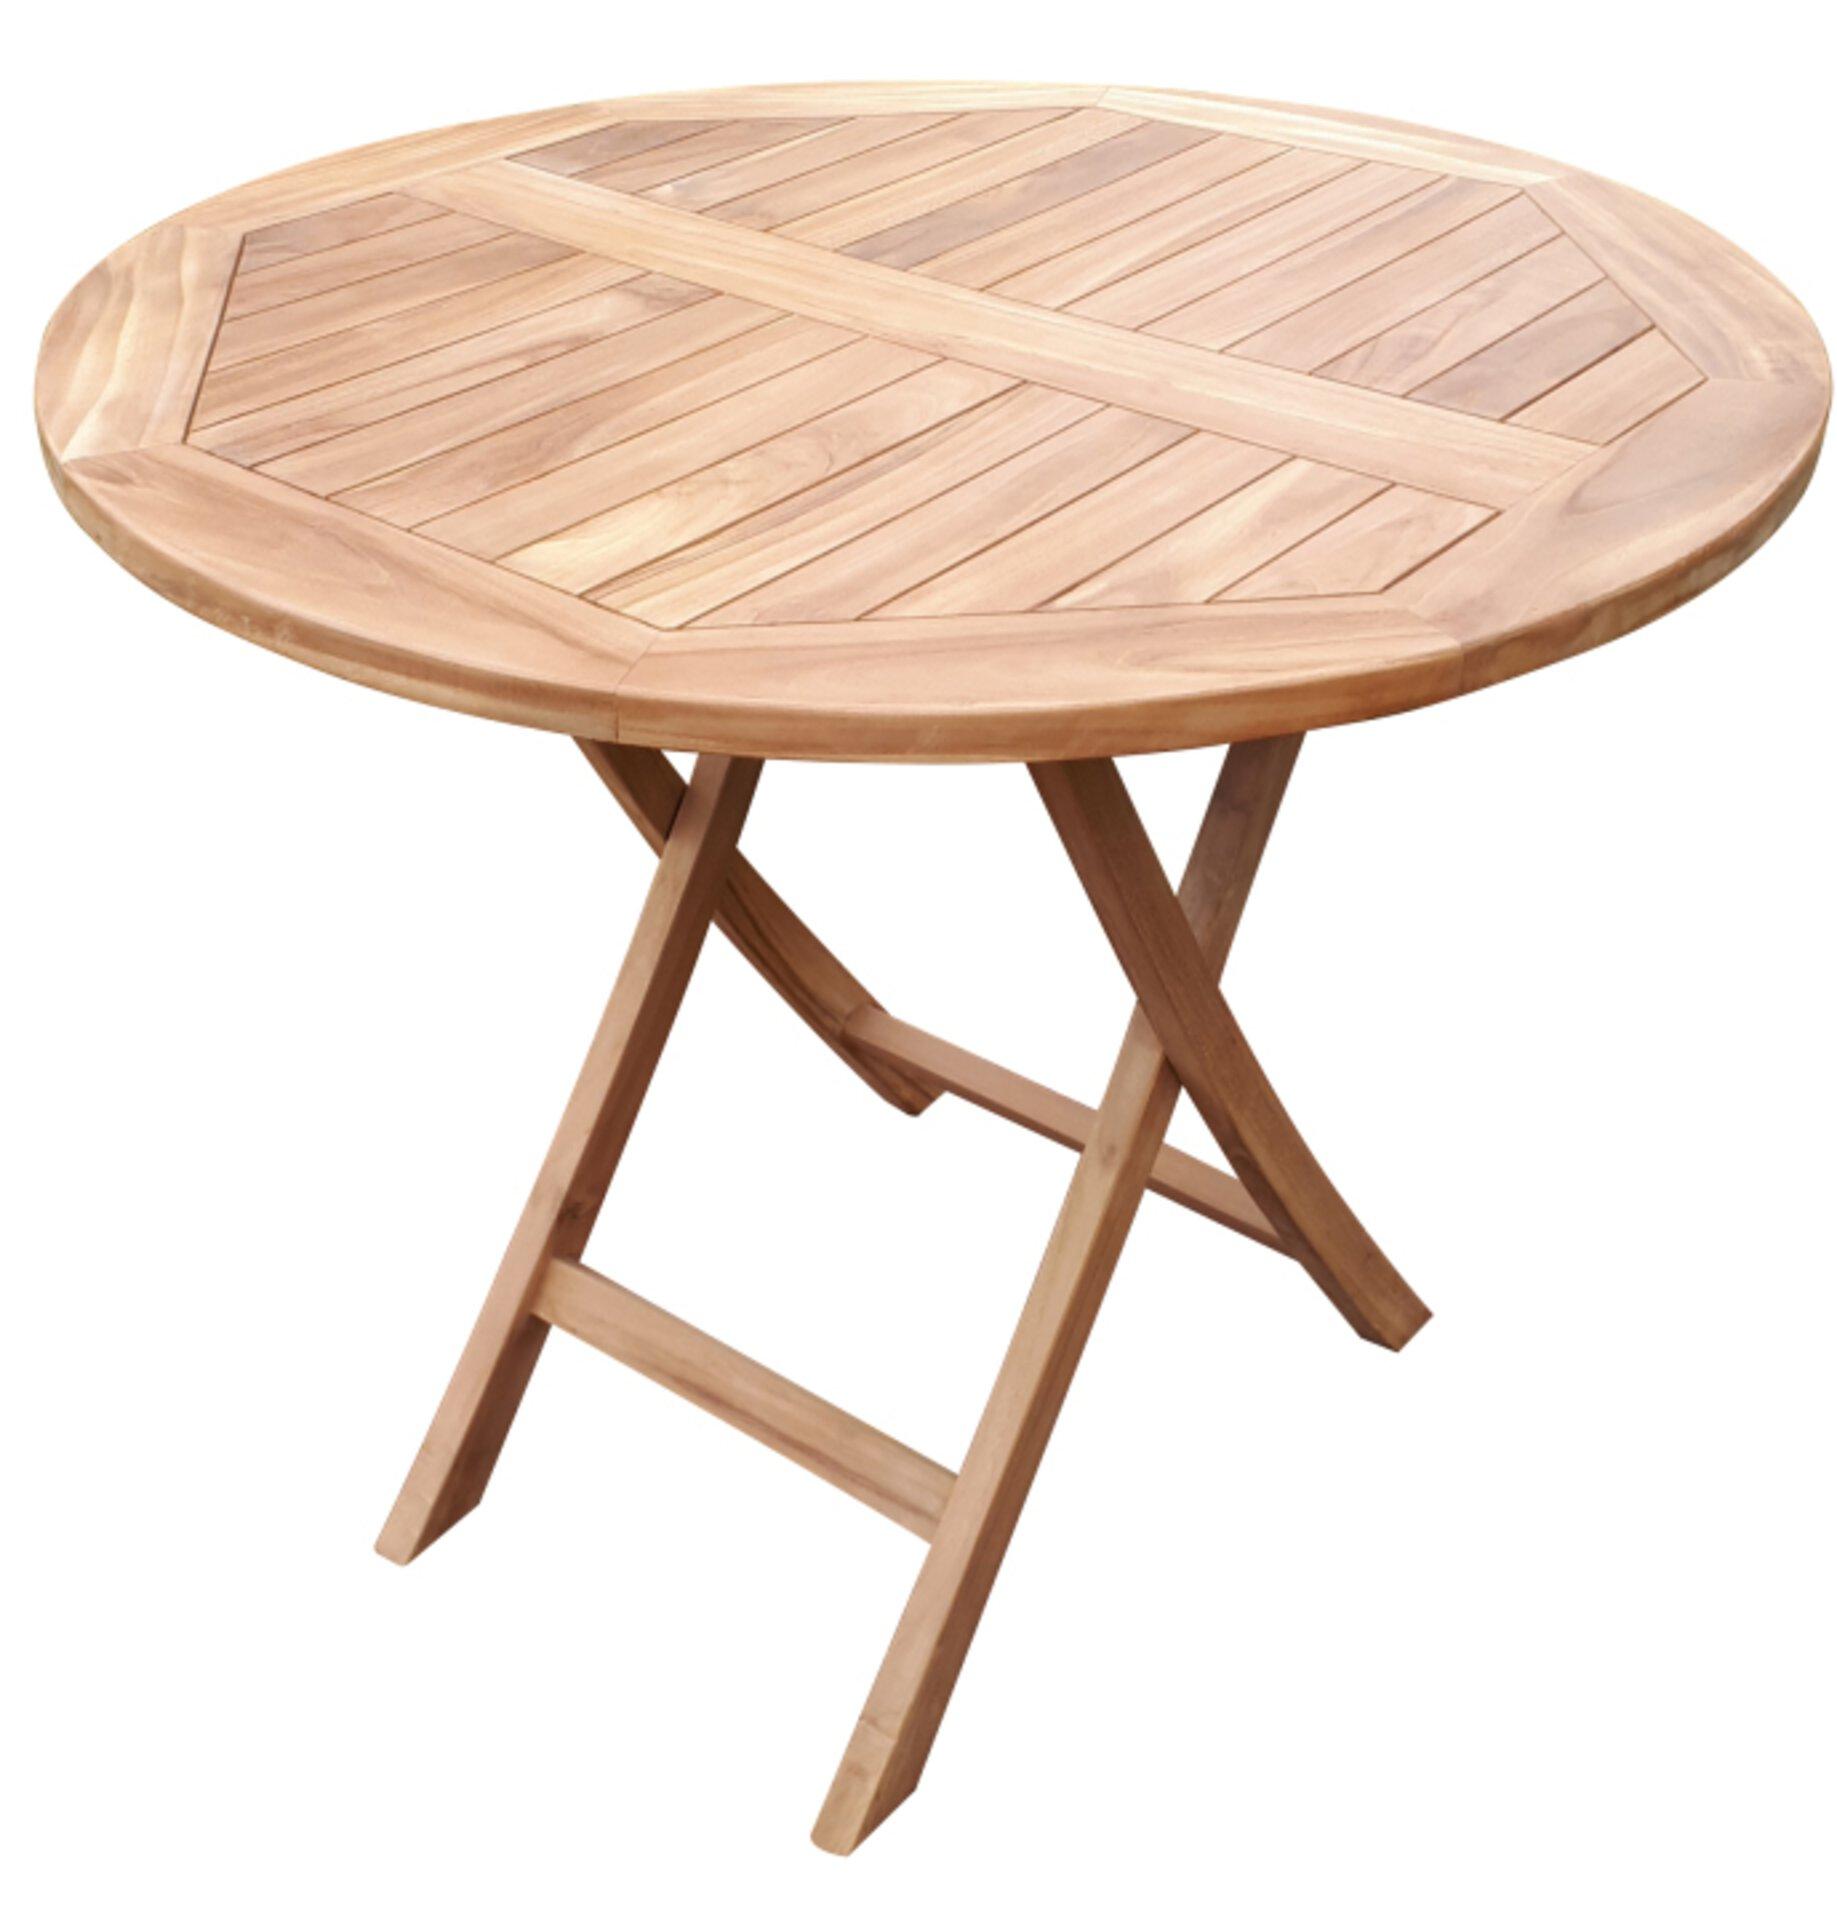 Klapptisch Woodie deVries Holz braun 90 x 75 x 90 cm